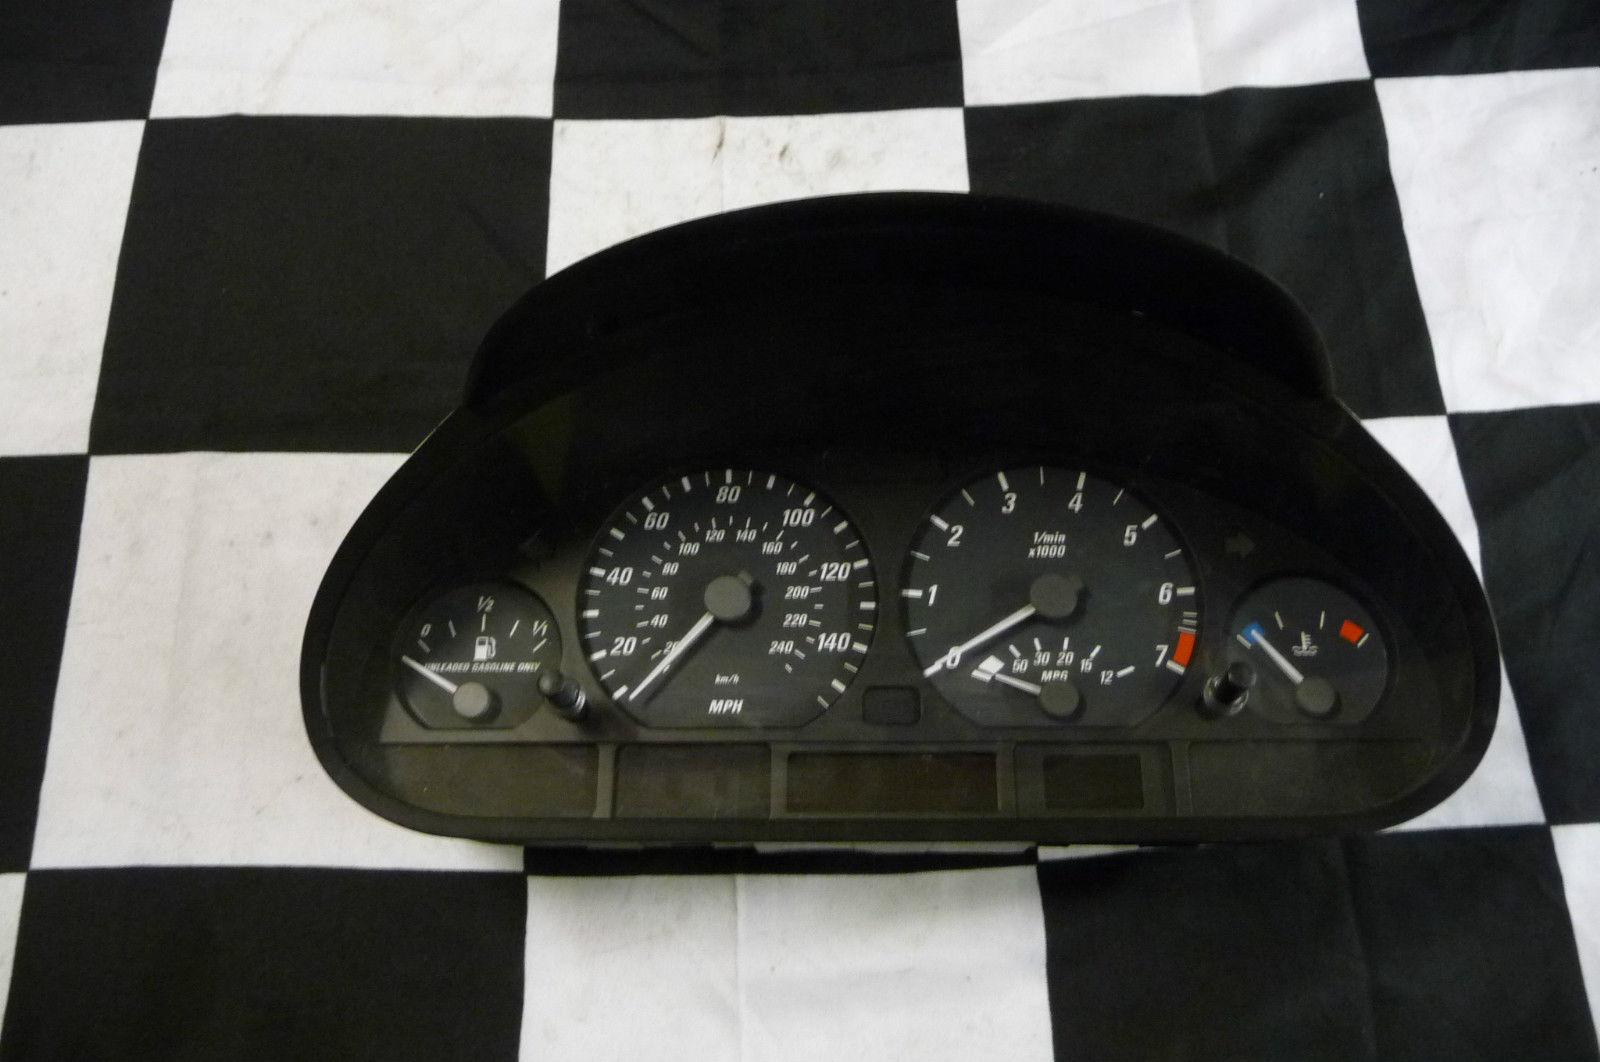 2000 2001 2002 2003 2004 2005 2006 BMW E46 323Ci 325Ci 328Ci Instruments Cluster Combination MPH 62116932927 OEM OE